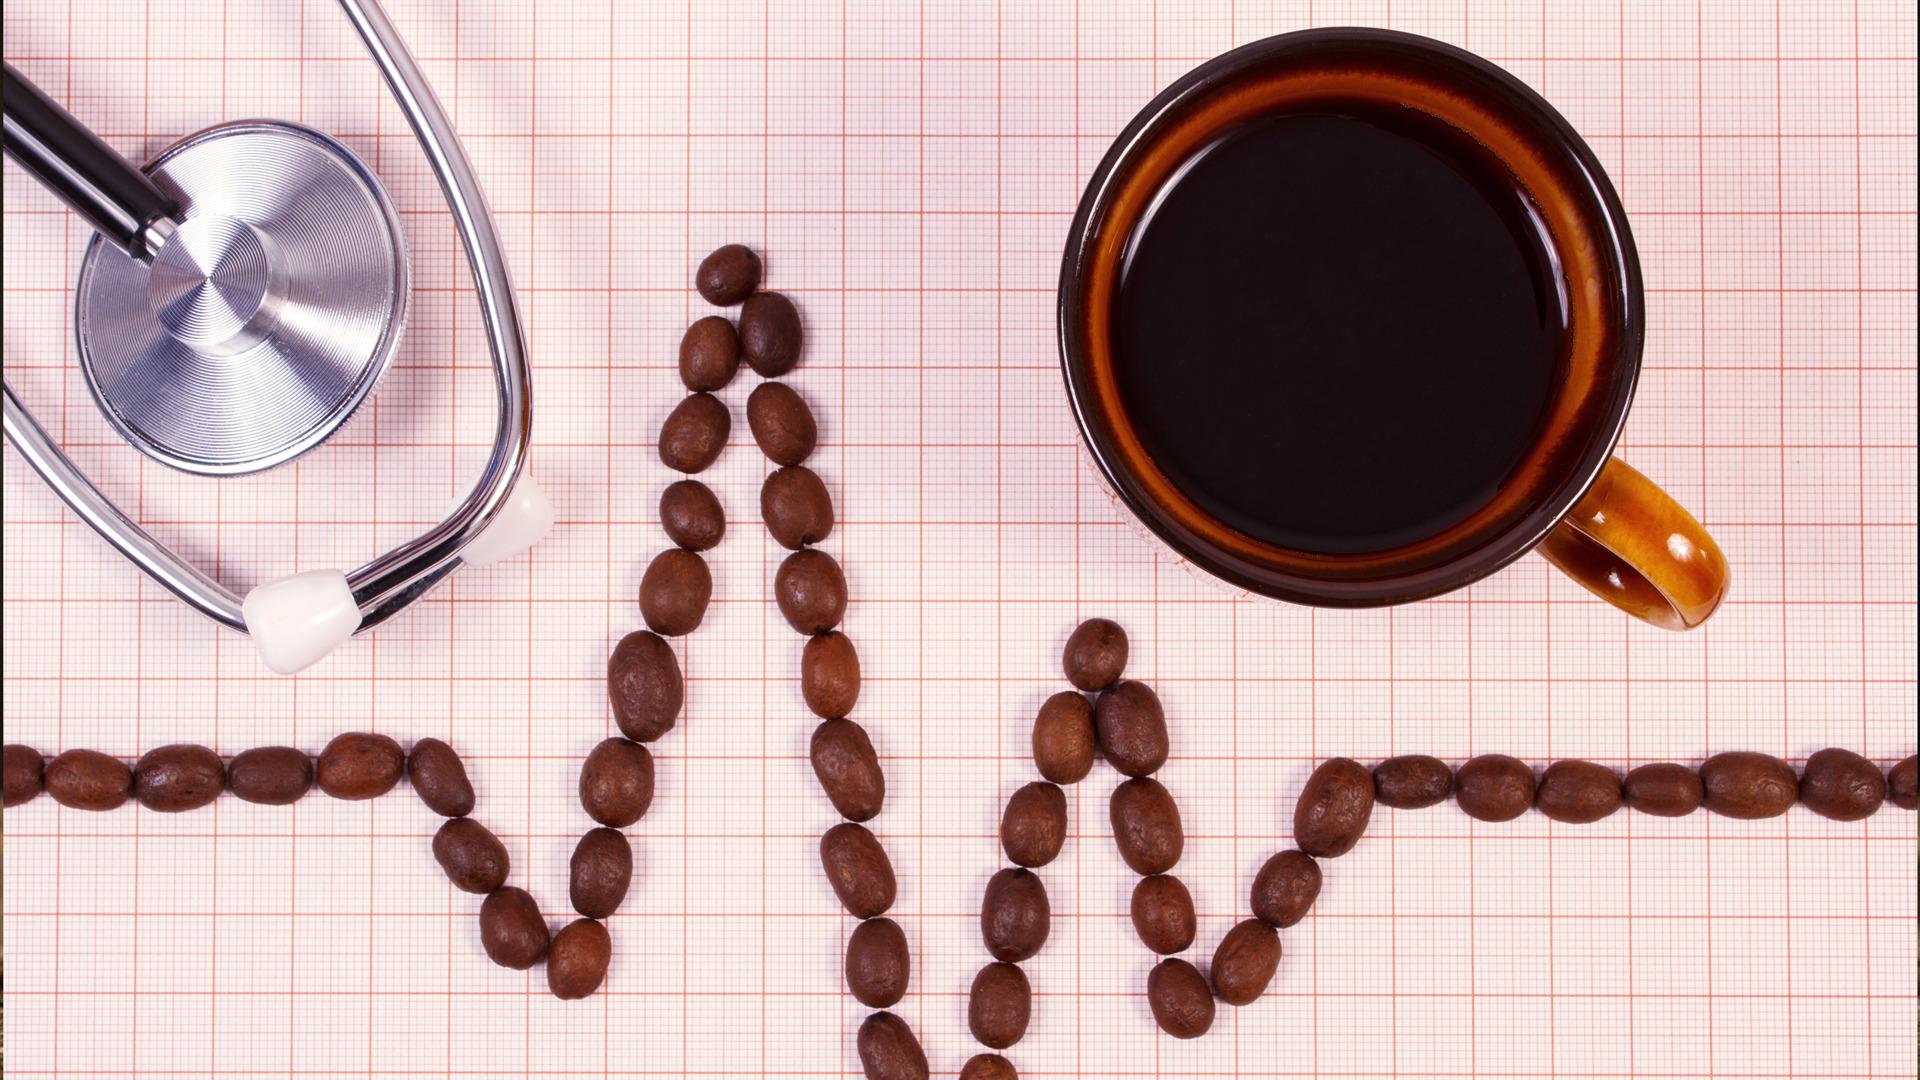 кофе повышает давление